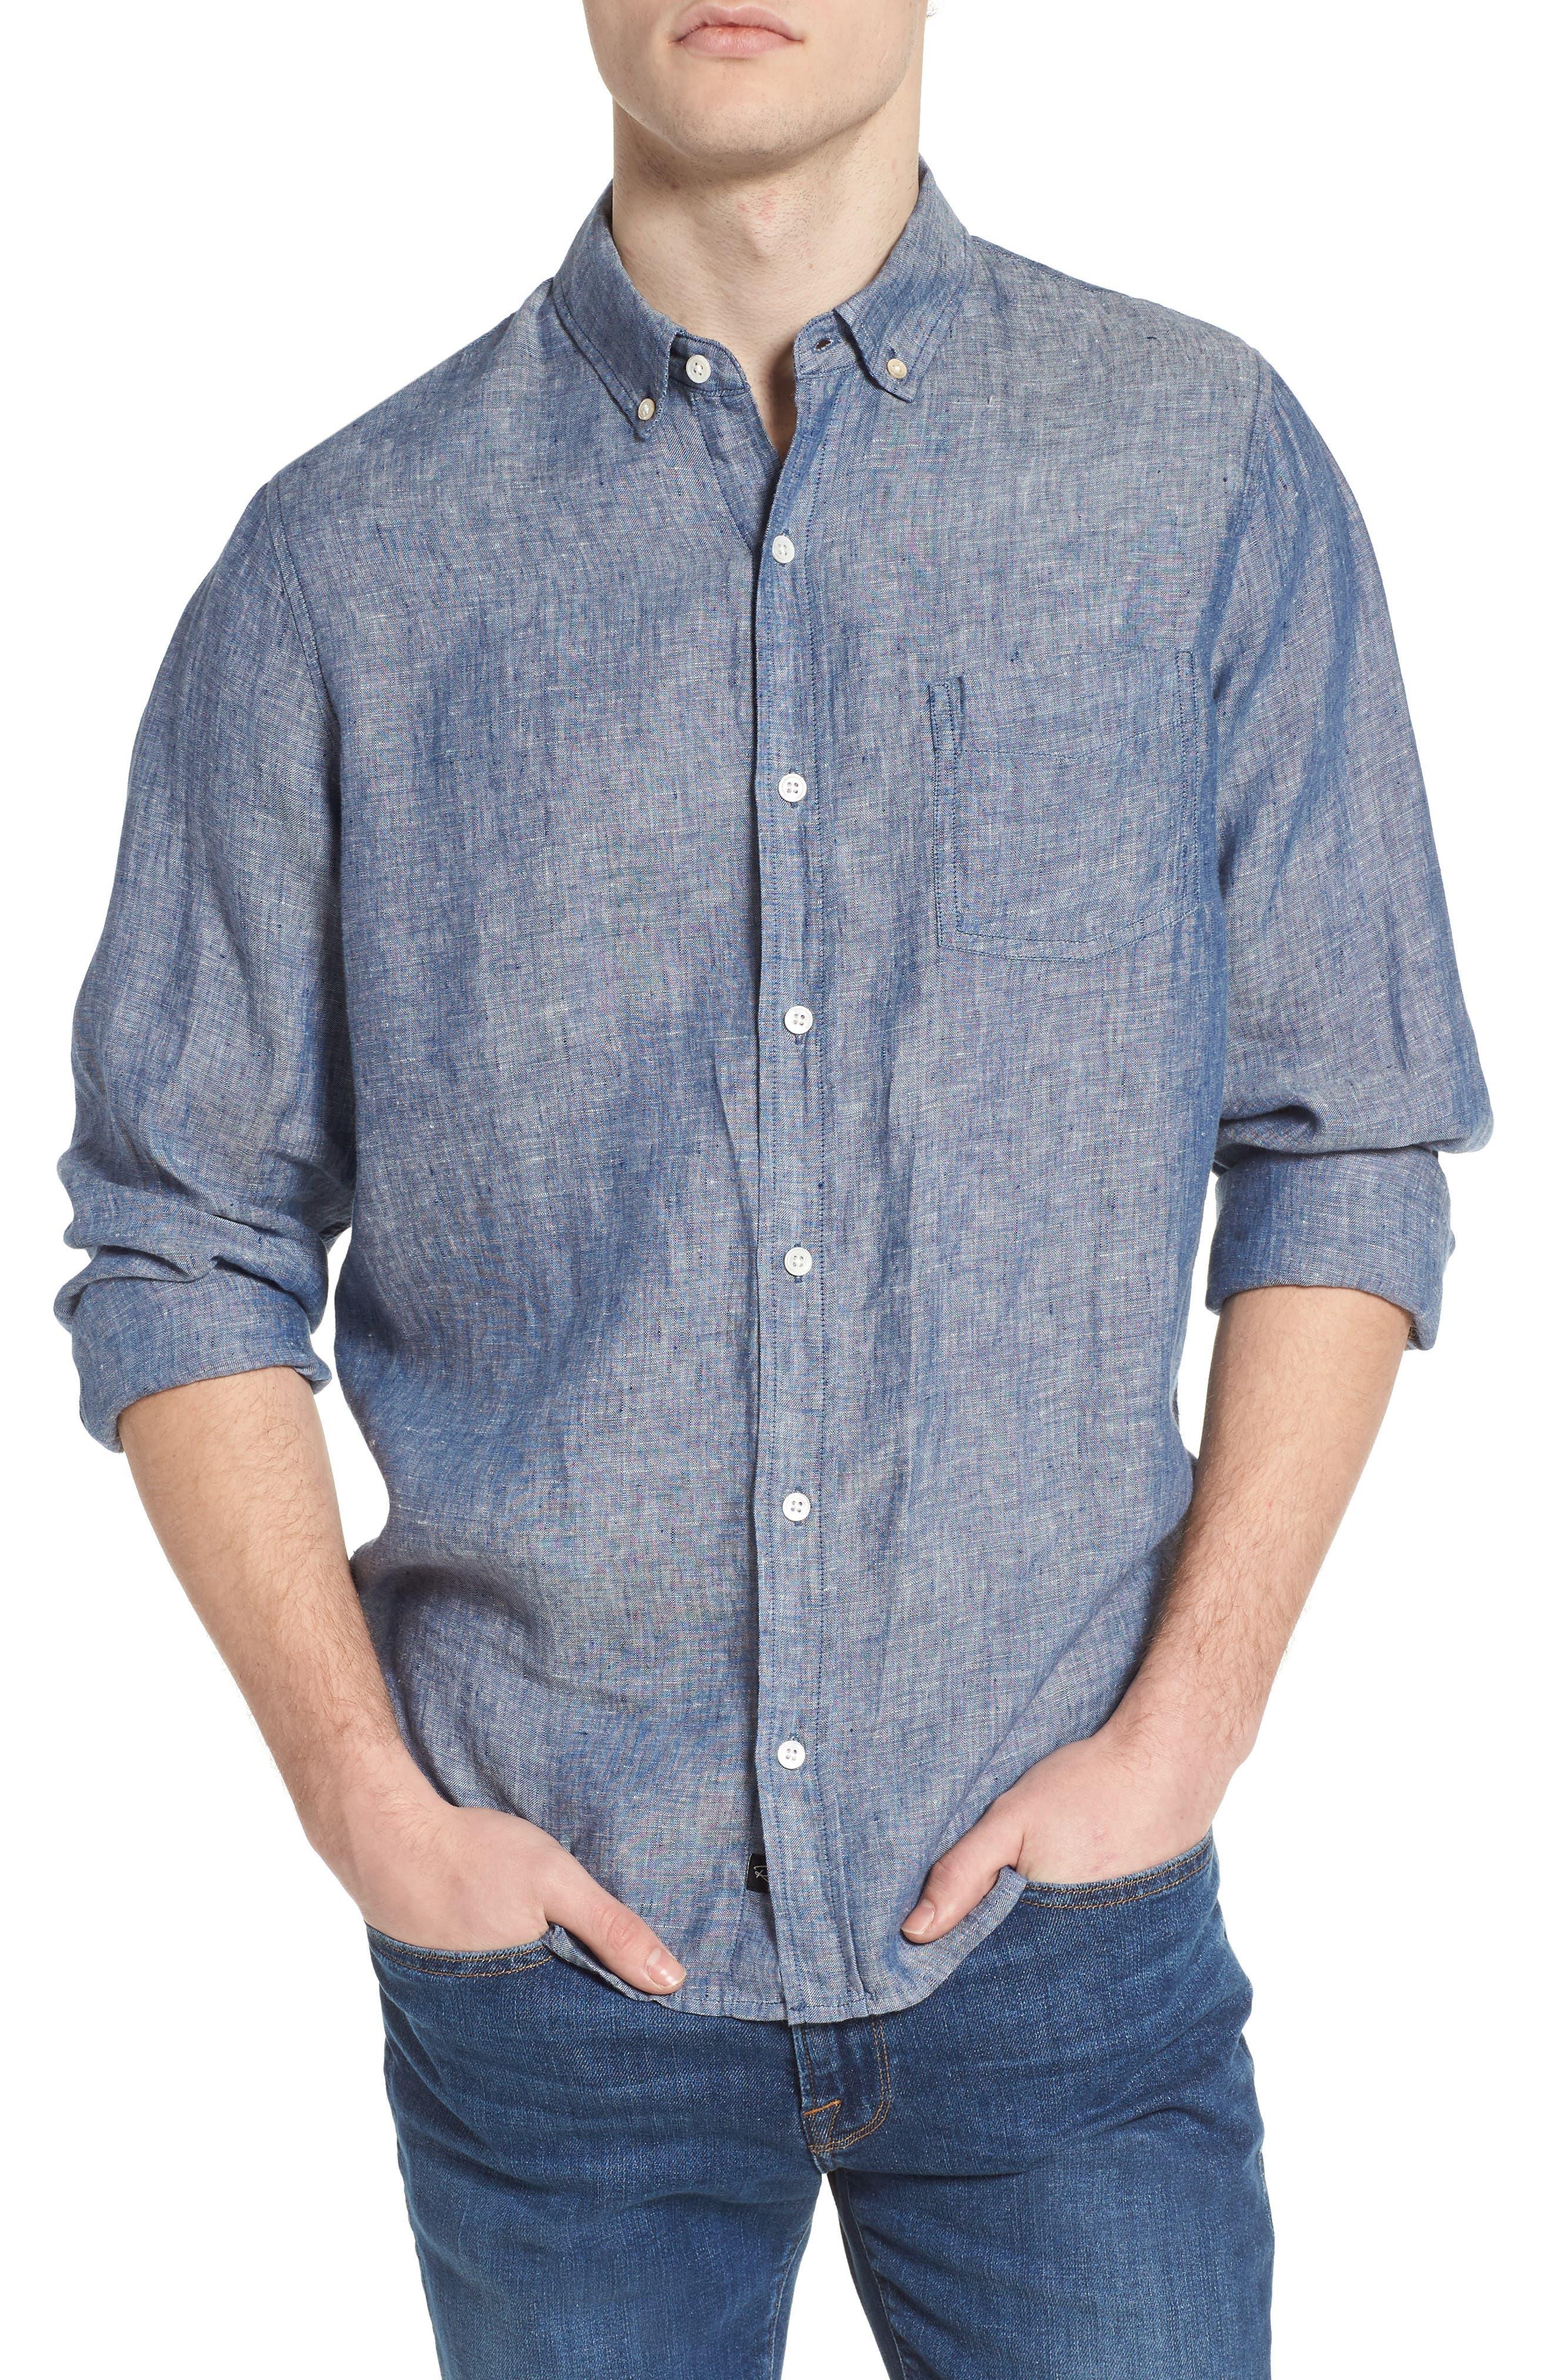 Bennett Linen Sport Shirt,                             Main thumbnail 1, color,                             Chambray Blue